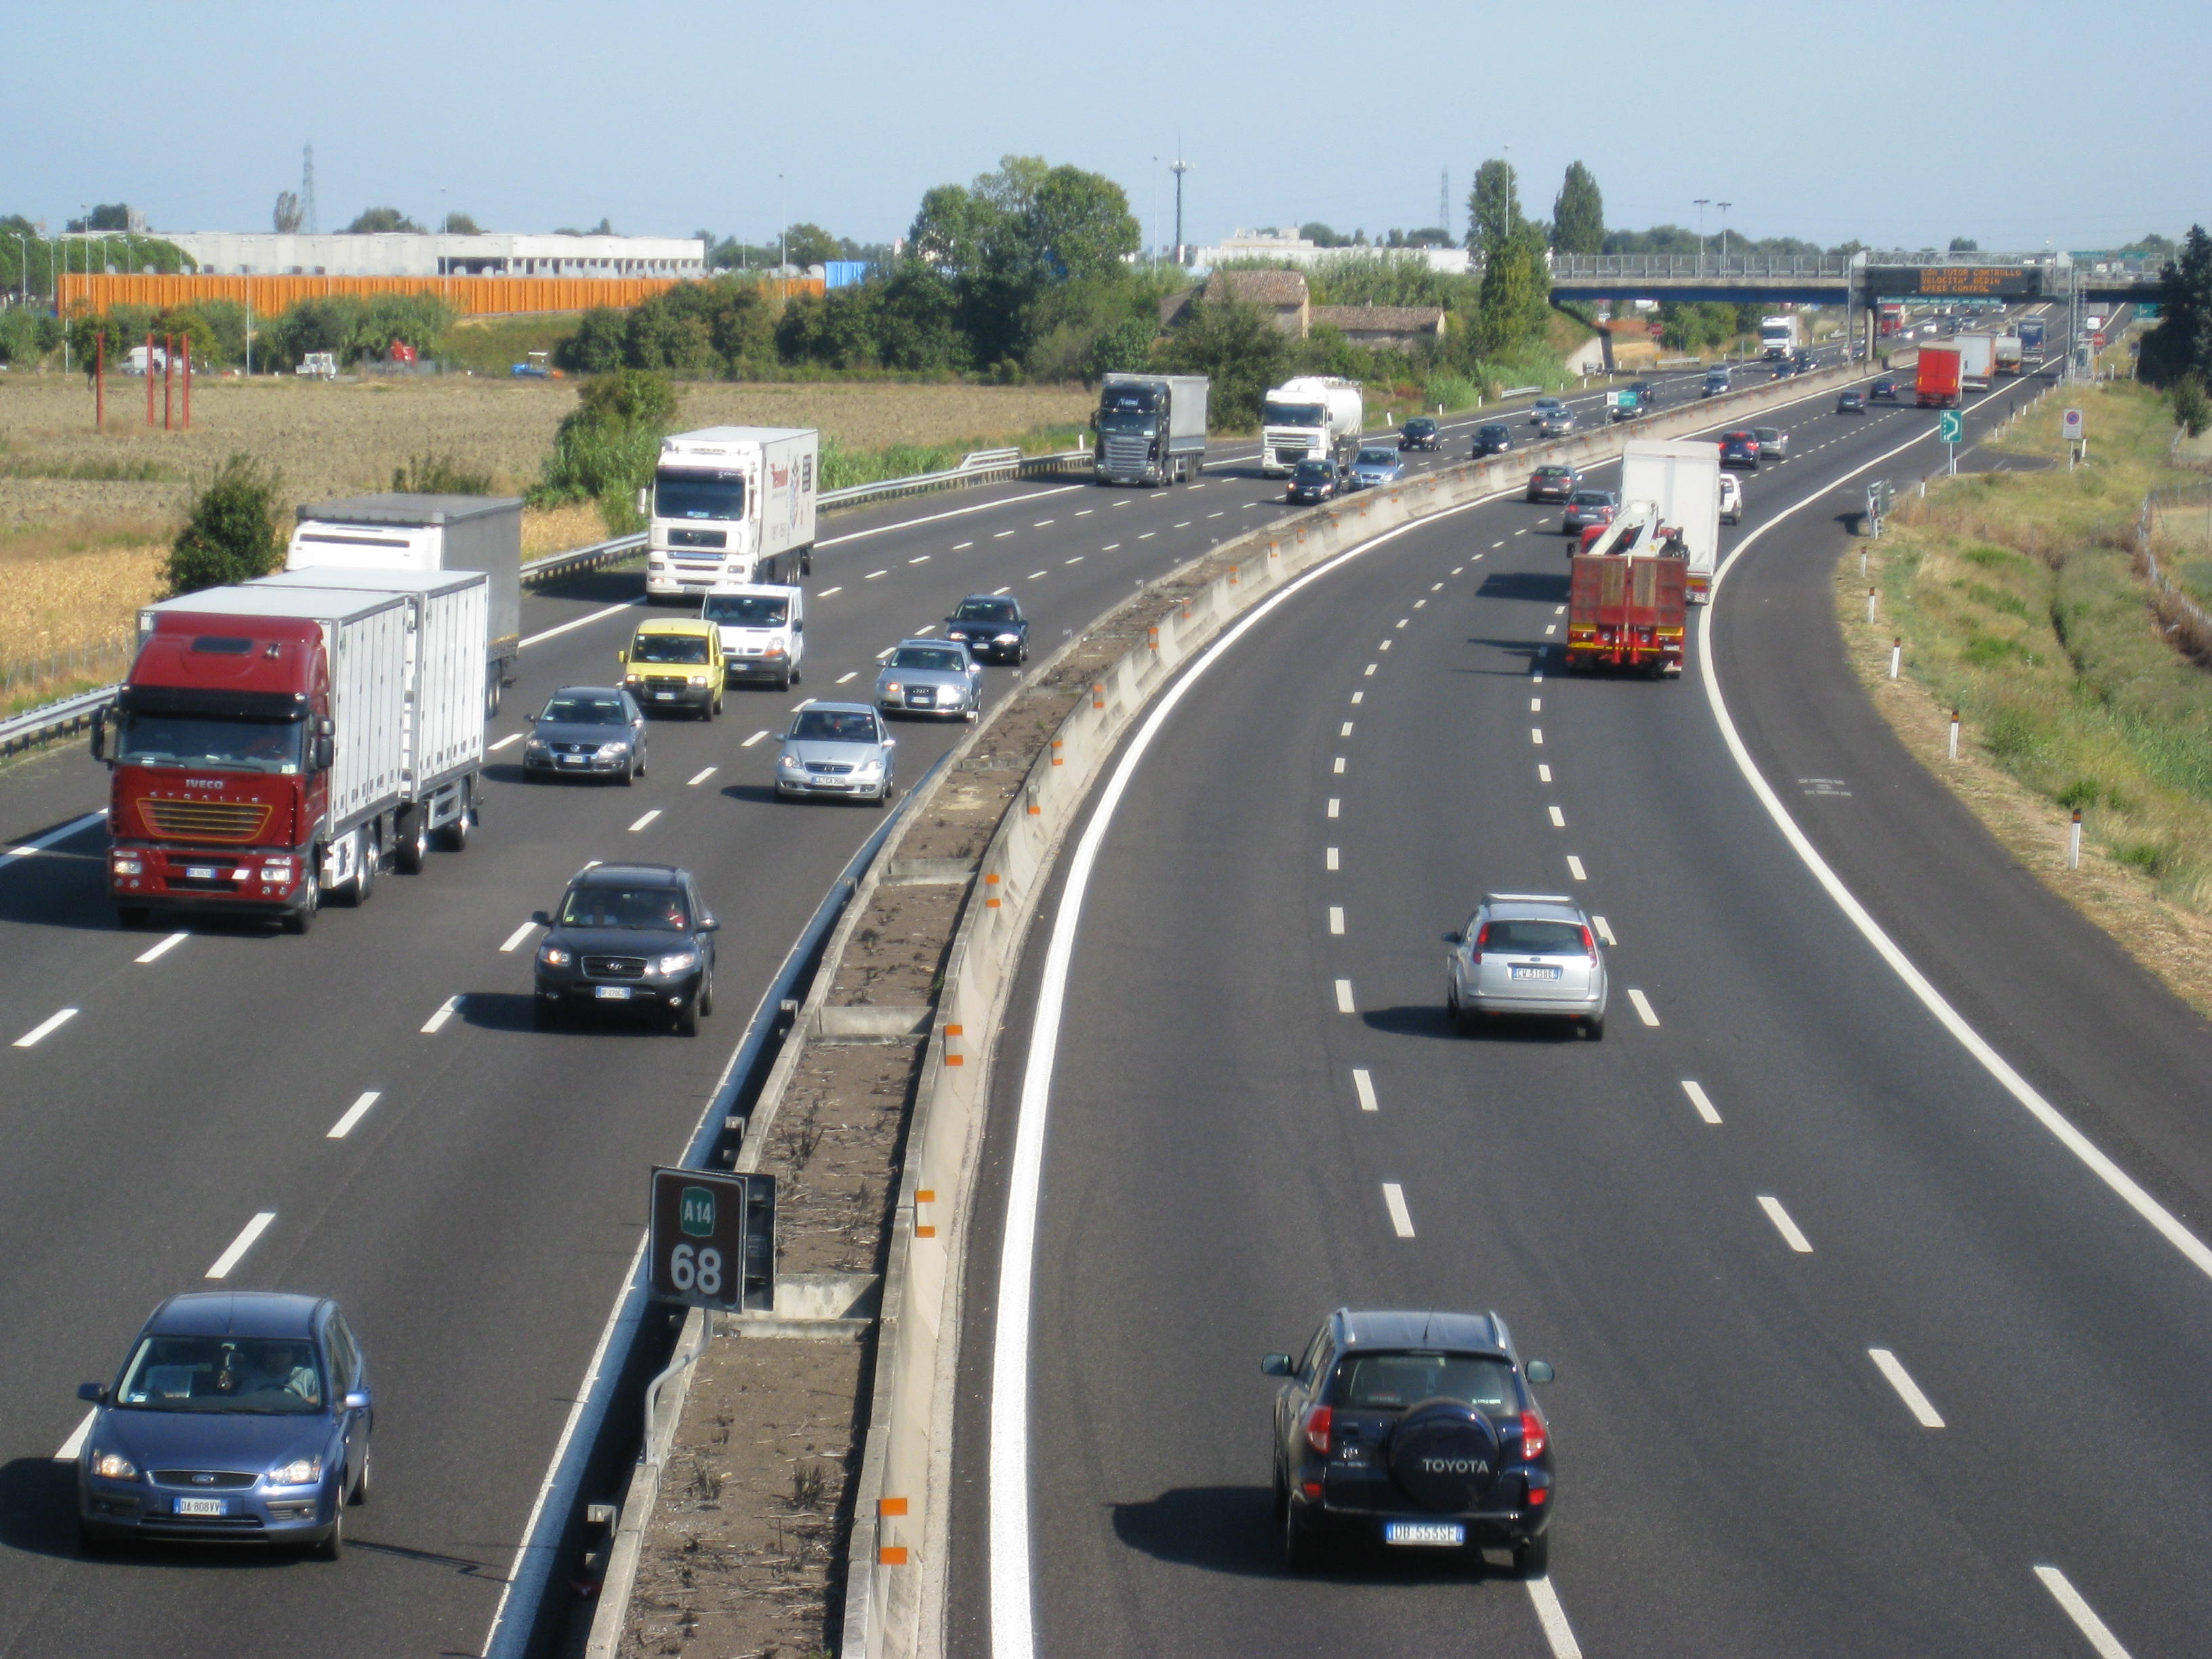 Incidenti in autostrada